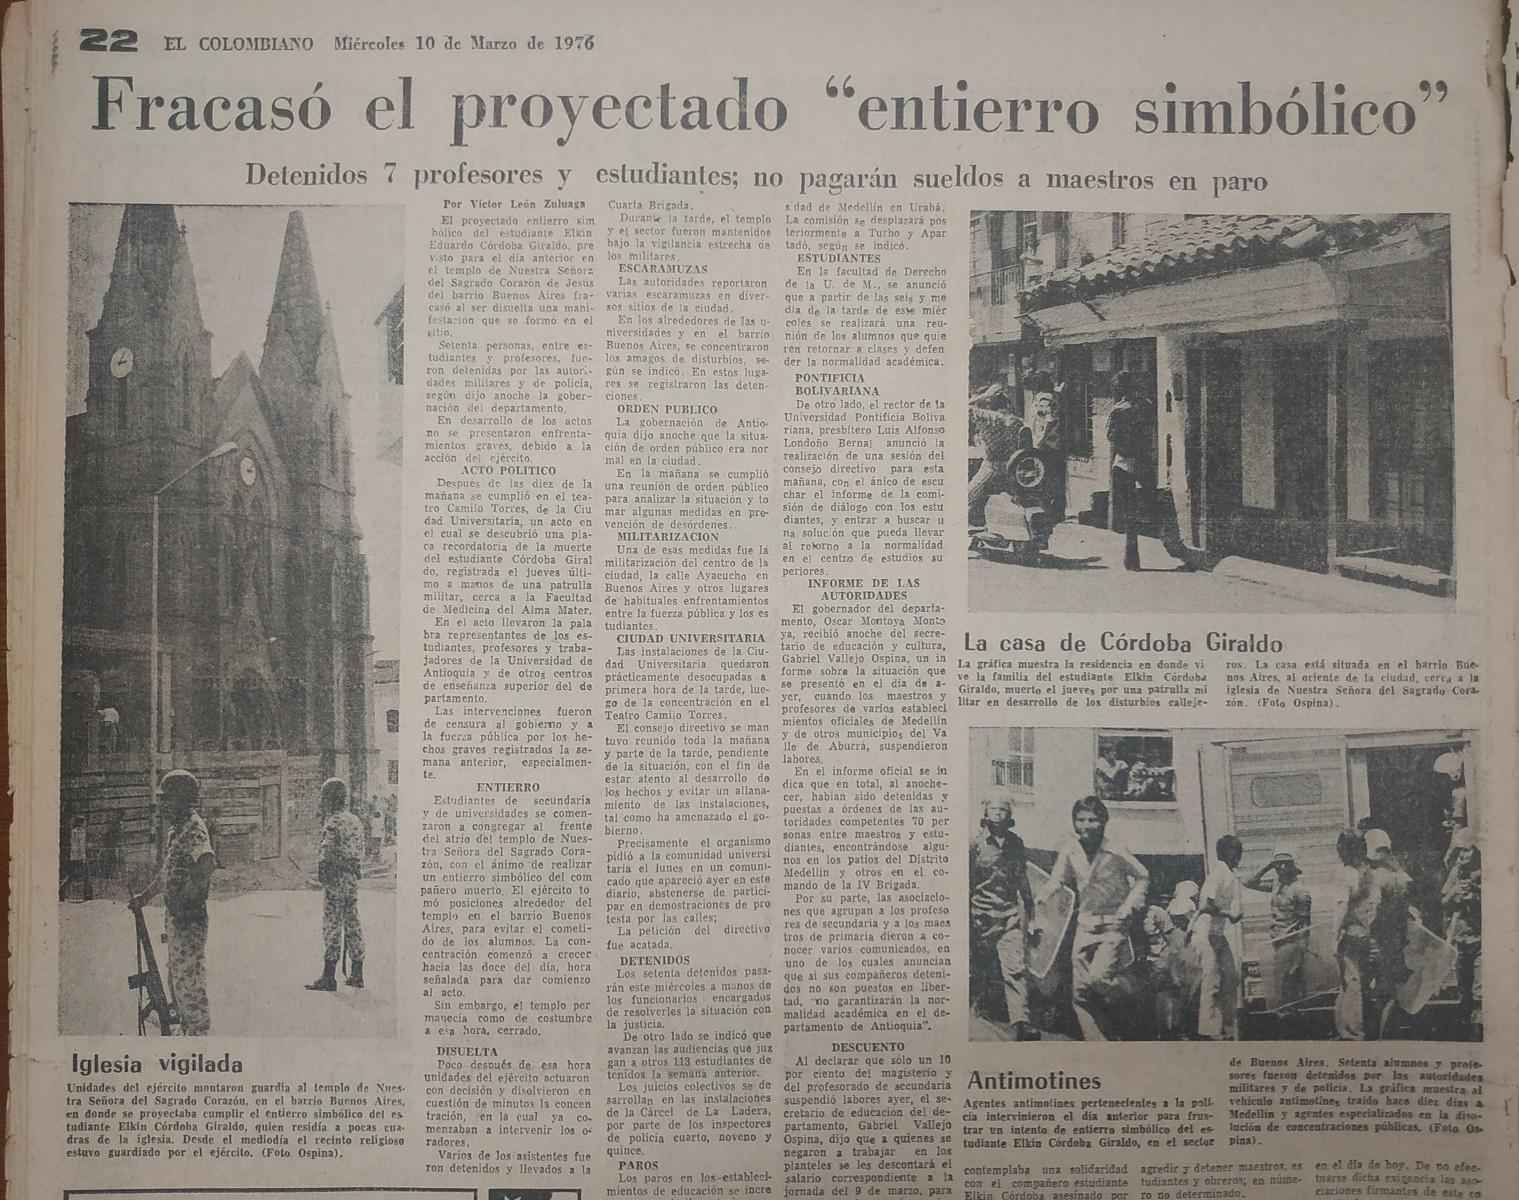 Fotografías tomadas de la edición del 10 de marzo de 1976 del periódico El Colombiano